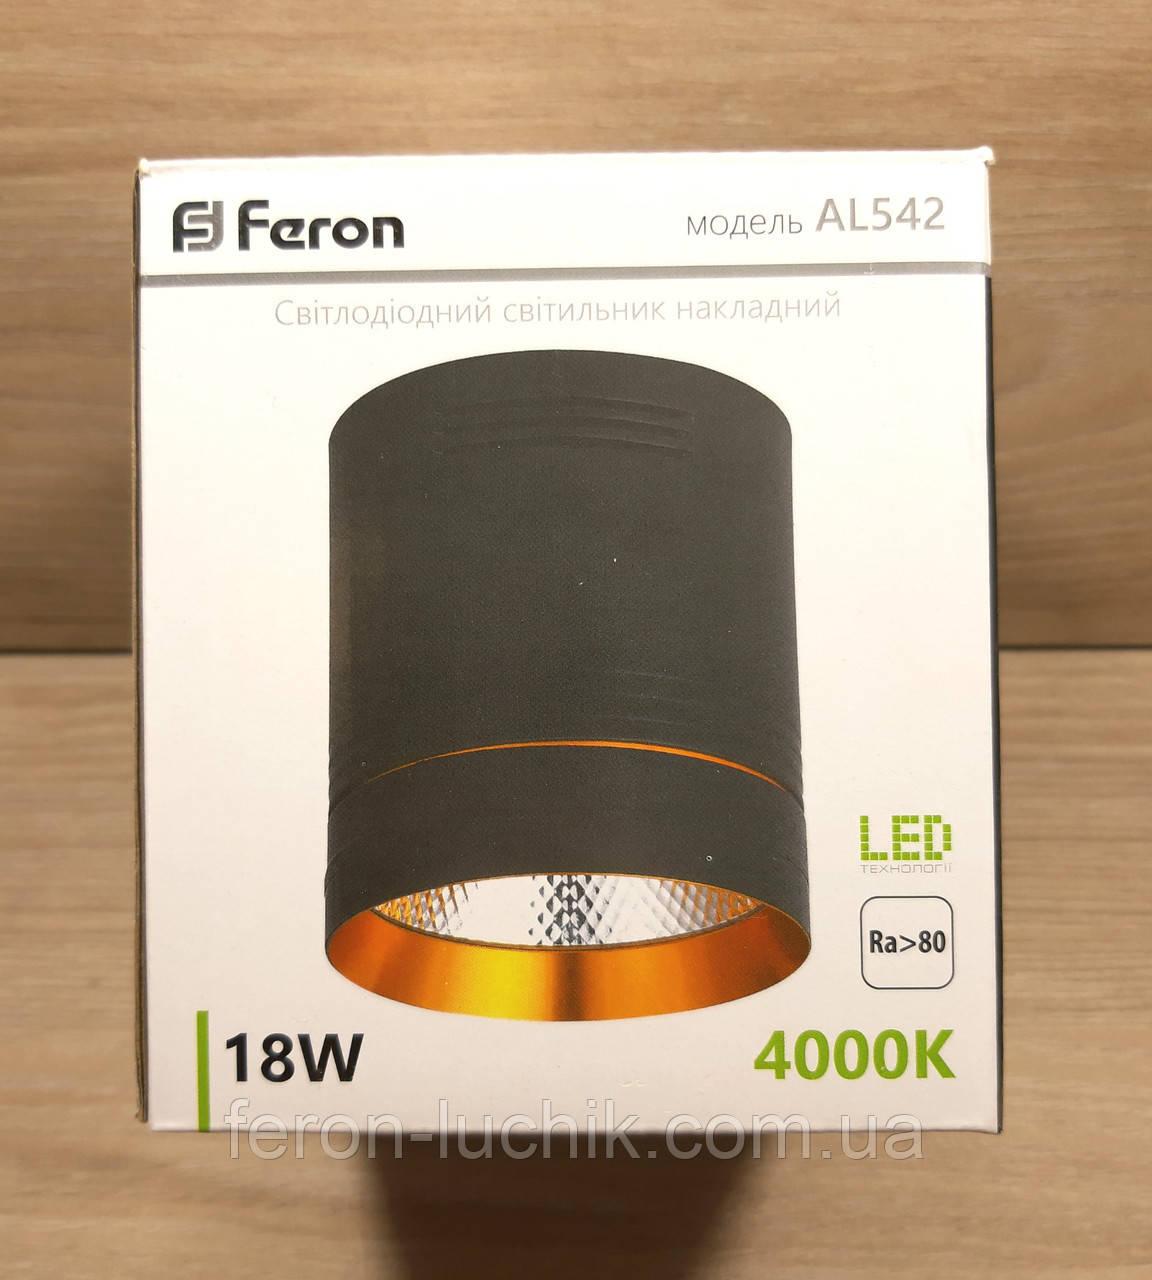 Потолочный светильник цилиндр Feron AL542 18W 4000K 1530Lm LED точечный накладной светодиодный черный+золото